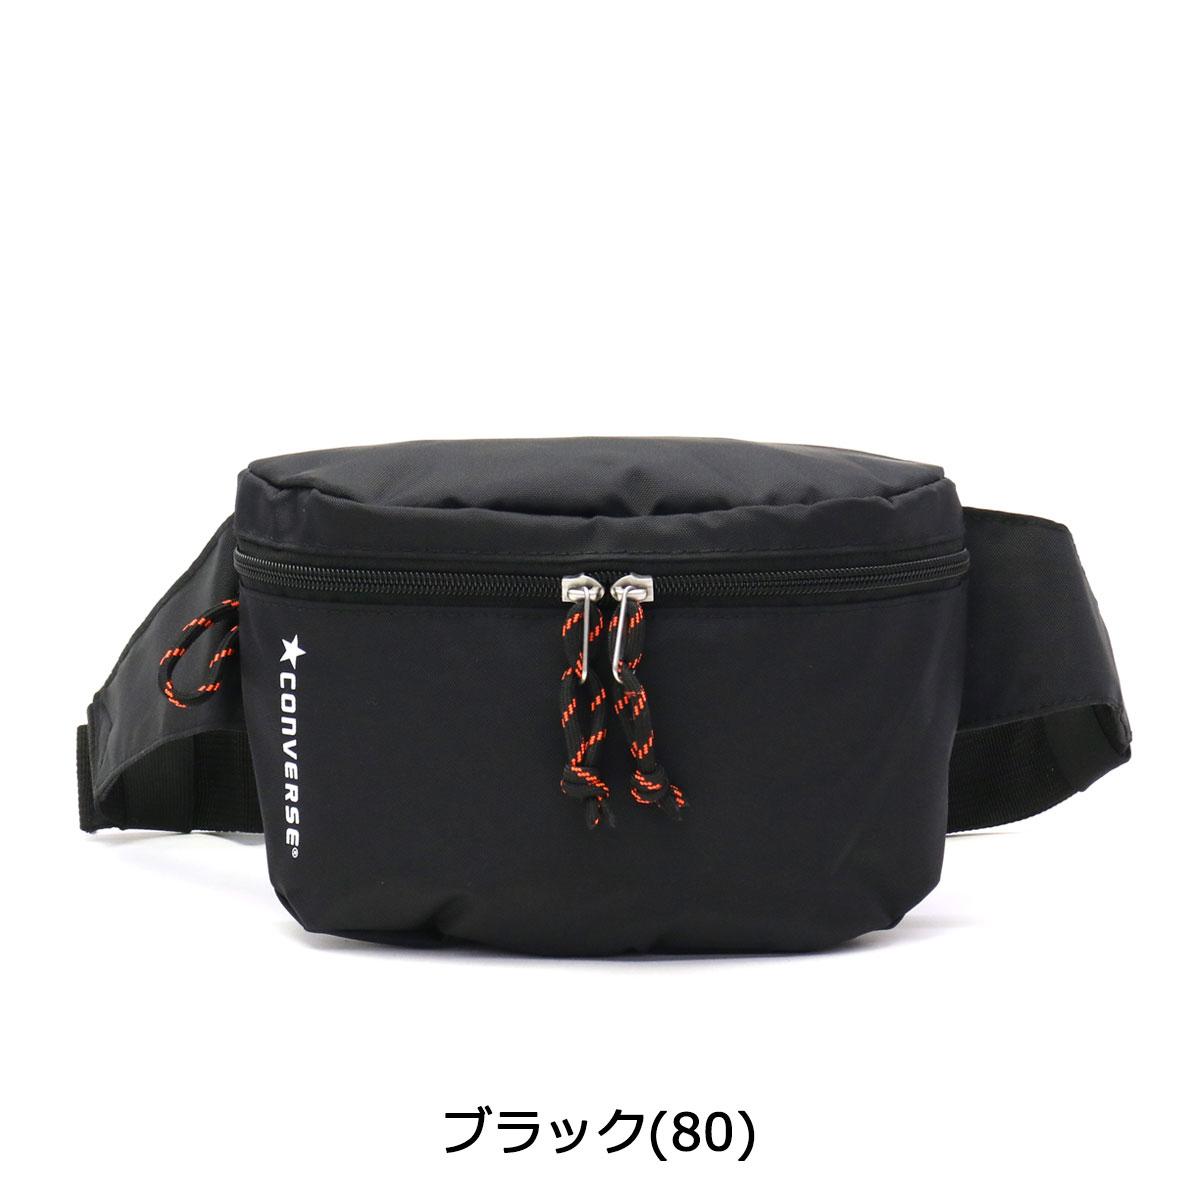 69247277d4 ... CONVERSE Waist Bag CONVERSE PACKABLE Waist Pouch Packable West Pouch  Body Bag Skewed Lightweight Light Mini ...